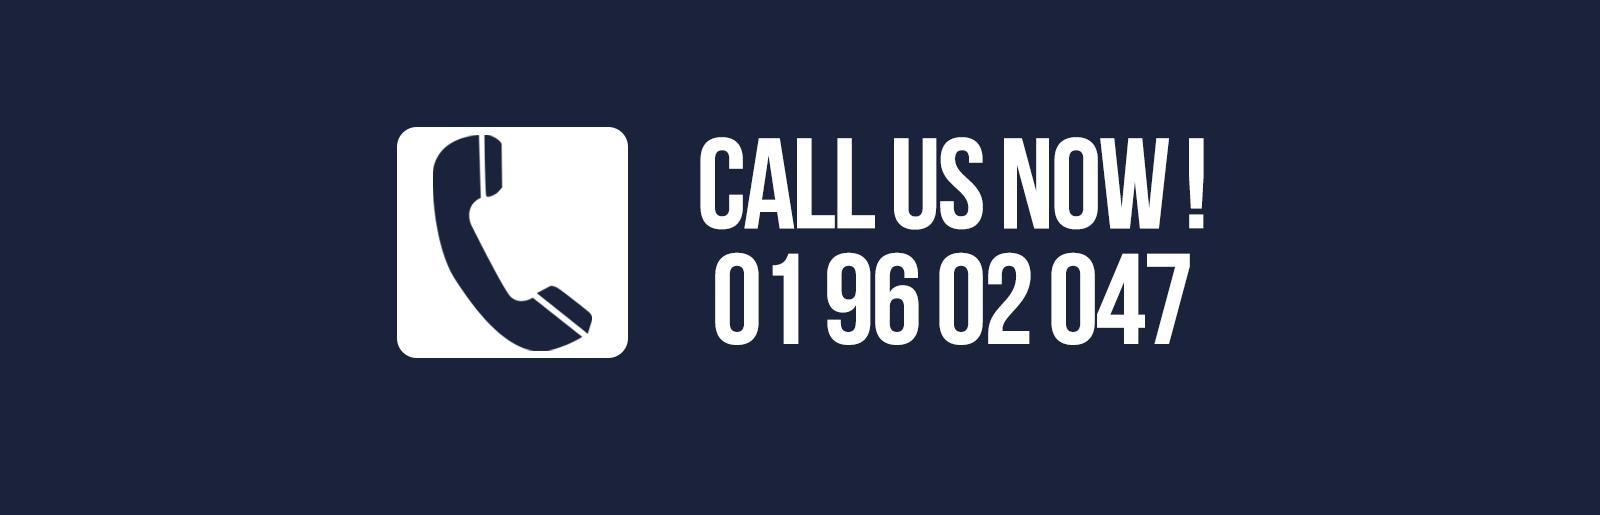 Contact-Joseph-Mc-Nally-Solicitors-Dublin-Banner